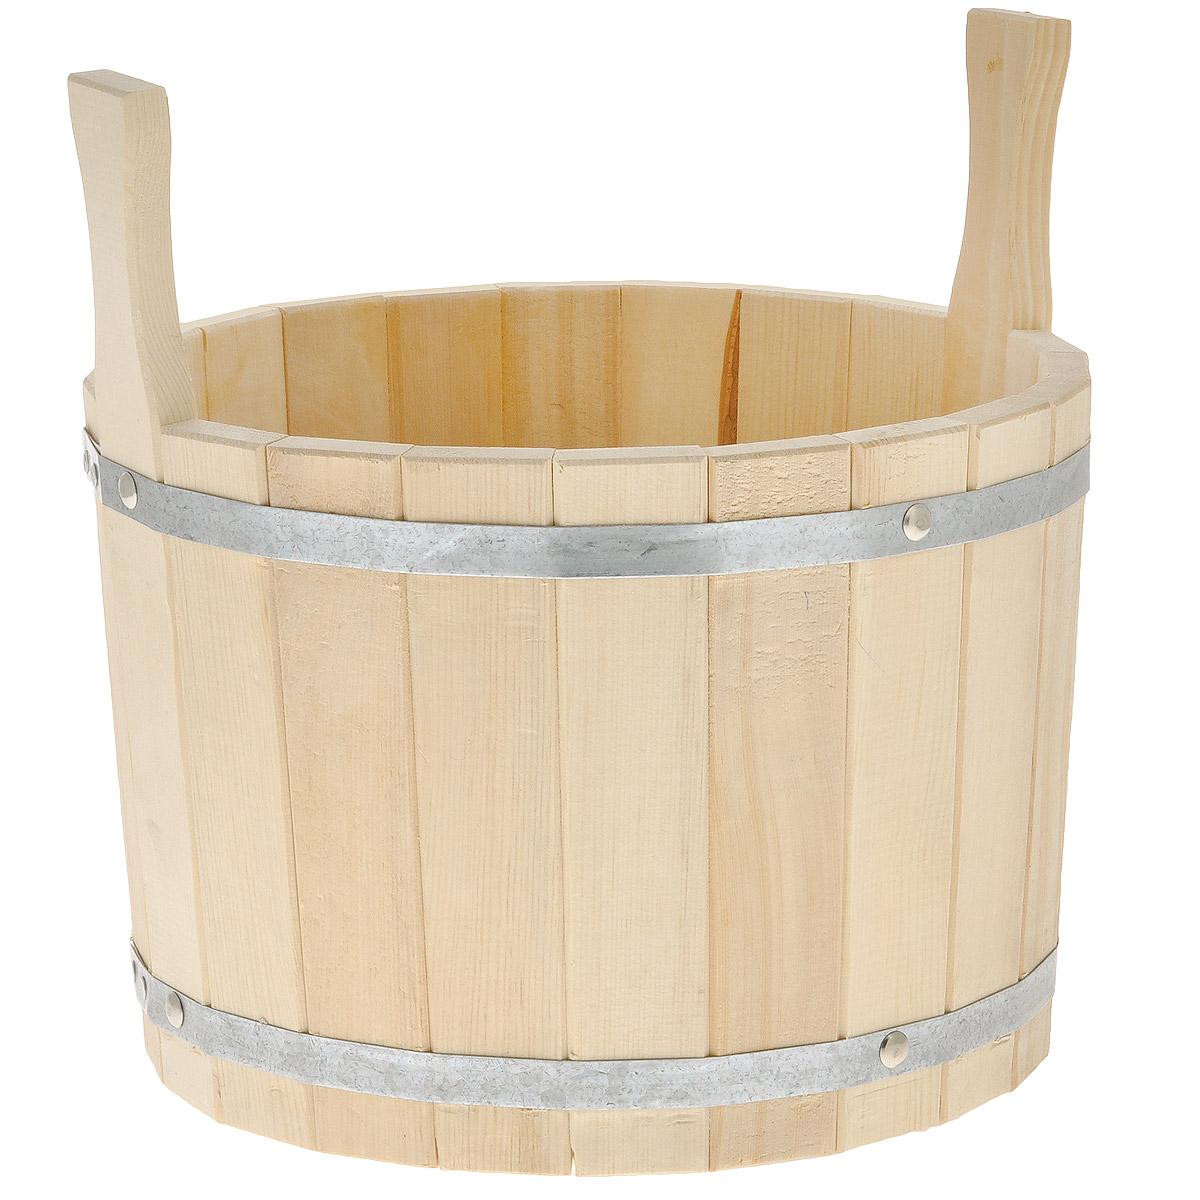 Шайка для бани Доктор Баня, 10 л8316Шайка круглой формы выполнена из брусков кедра, стянутых двумя металлическими обручами. Она прекрасно подойдет для замачивания веника или других банных процедур. Для более удобного использования шайка имеет по бокам две небольшие ручки. Шайка является одной из тех приятных мелочей, без которых не обойтись при принятии банных процедур.Аксессуары для бани и сауны - это те приятные мелочи, которые приносят радость и создают комфорт. Интересная штука - баня. Место, где одинаково хорошо и в компании, и в одиночестве. Перекресток, казалось бы, разных направлений - общение и здоровье. Приятное и полезное. И всегда в позитиве. Характеристики:Материал: дерево (кедр), металл. Объем шайки: 10 л. Диаметр шайки по верхнему краю: 30 см. Высота шайки (без учета ручек): 21,5 см. Длина ручек: 10 см.